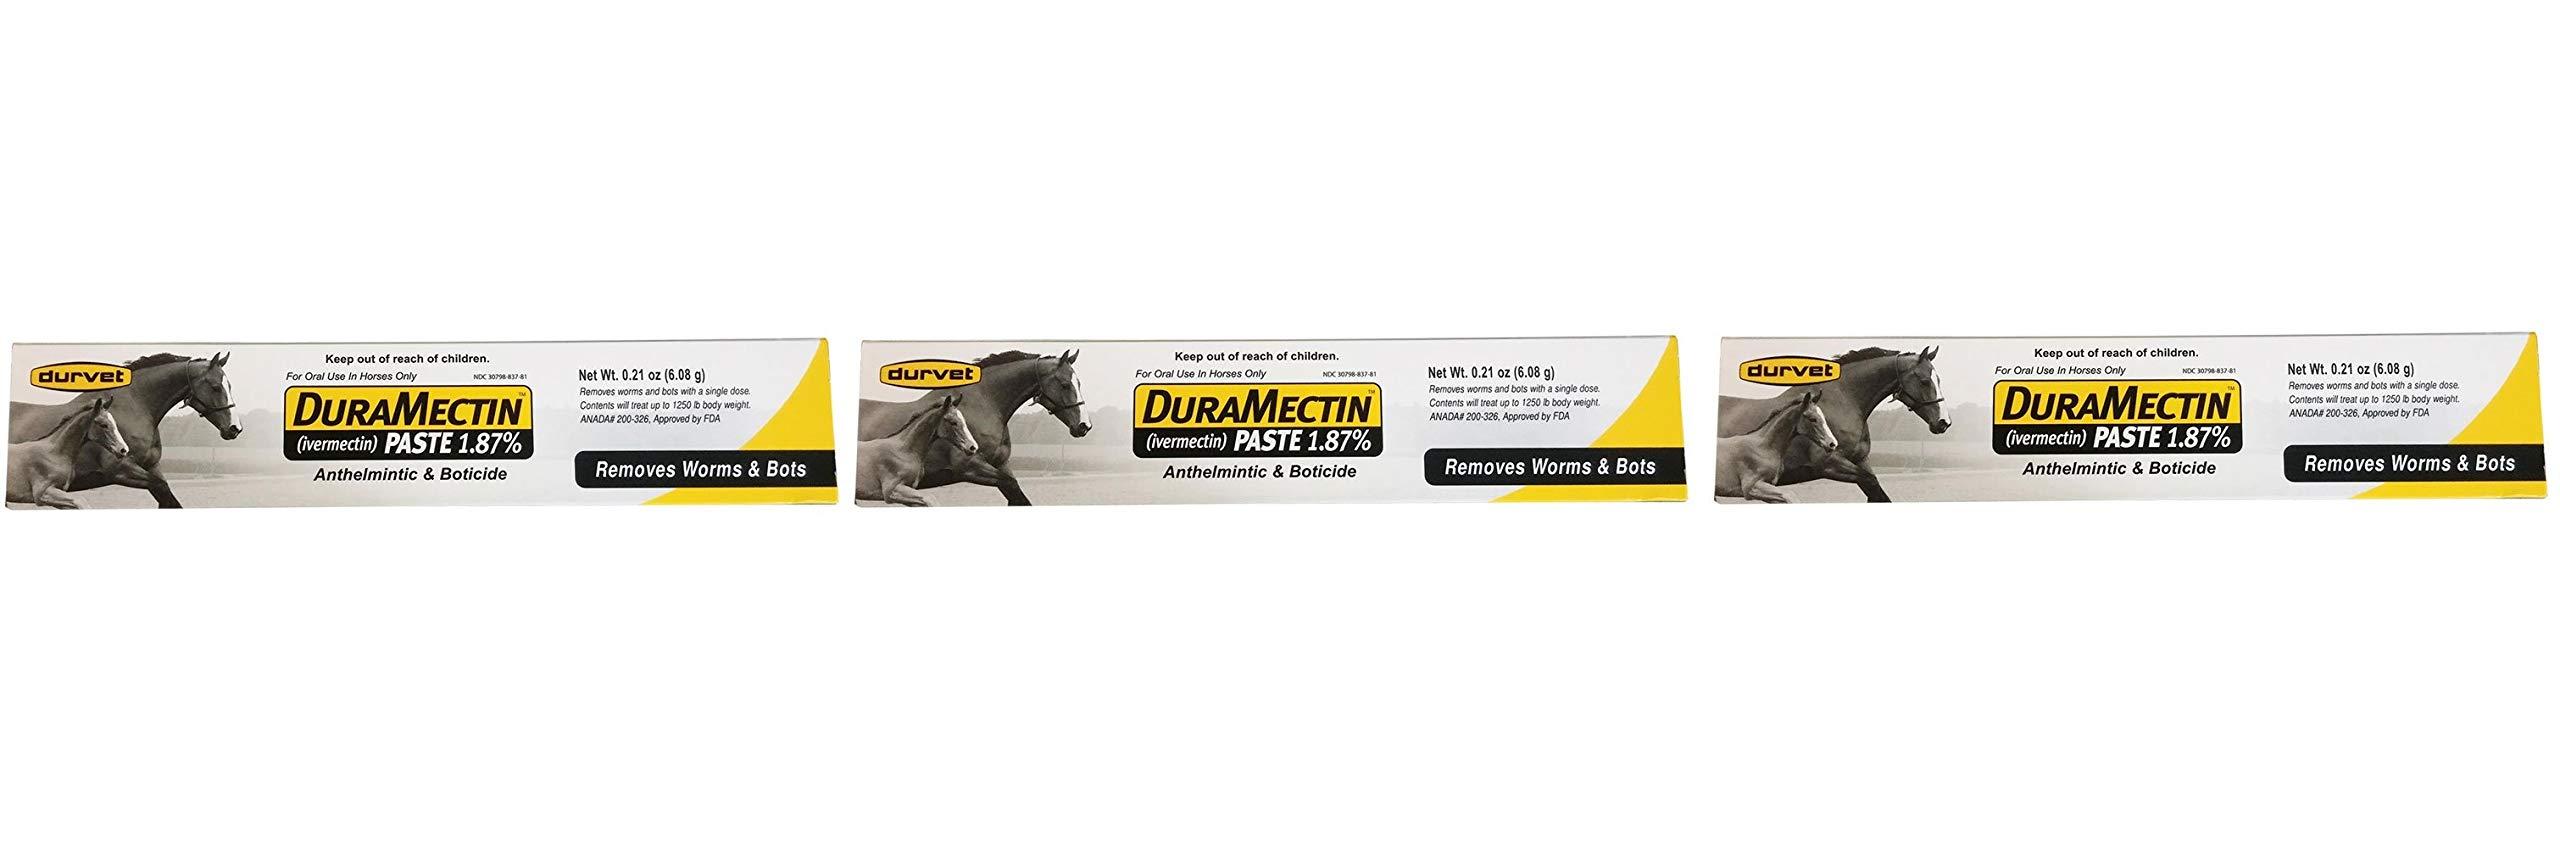 Duramectin Ivermectin Paste 1.87% for Horses, 0.21 oz (Thrее Рack)